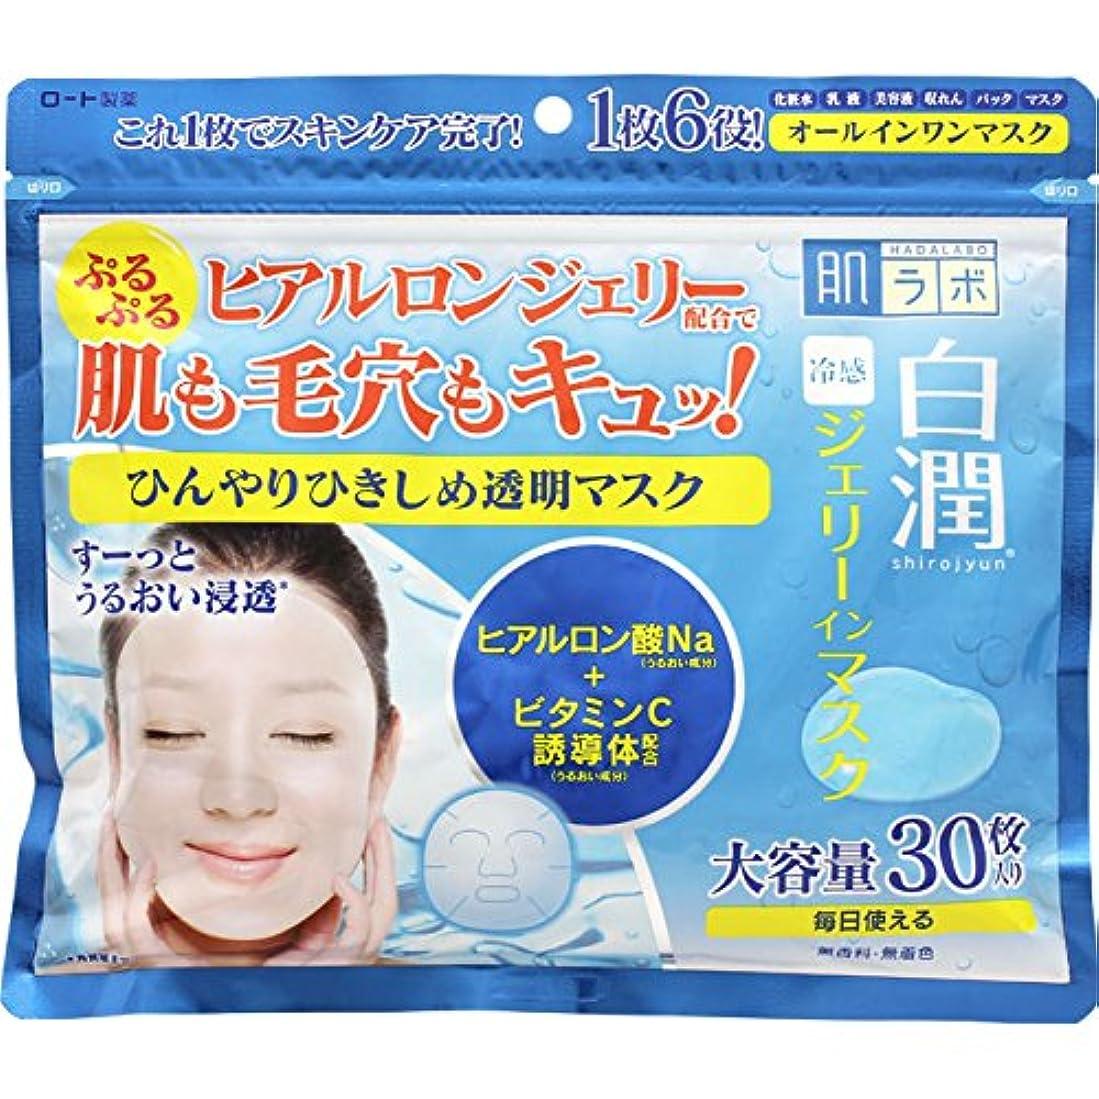 暗黙改革リビジョン肌ラボ 白潤 冷感ジェリーインマスク 化粧水?乳液?美容液?収れん?パック?マスクの1枚6役 大容量30枚